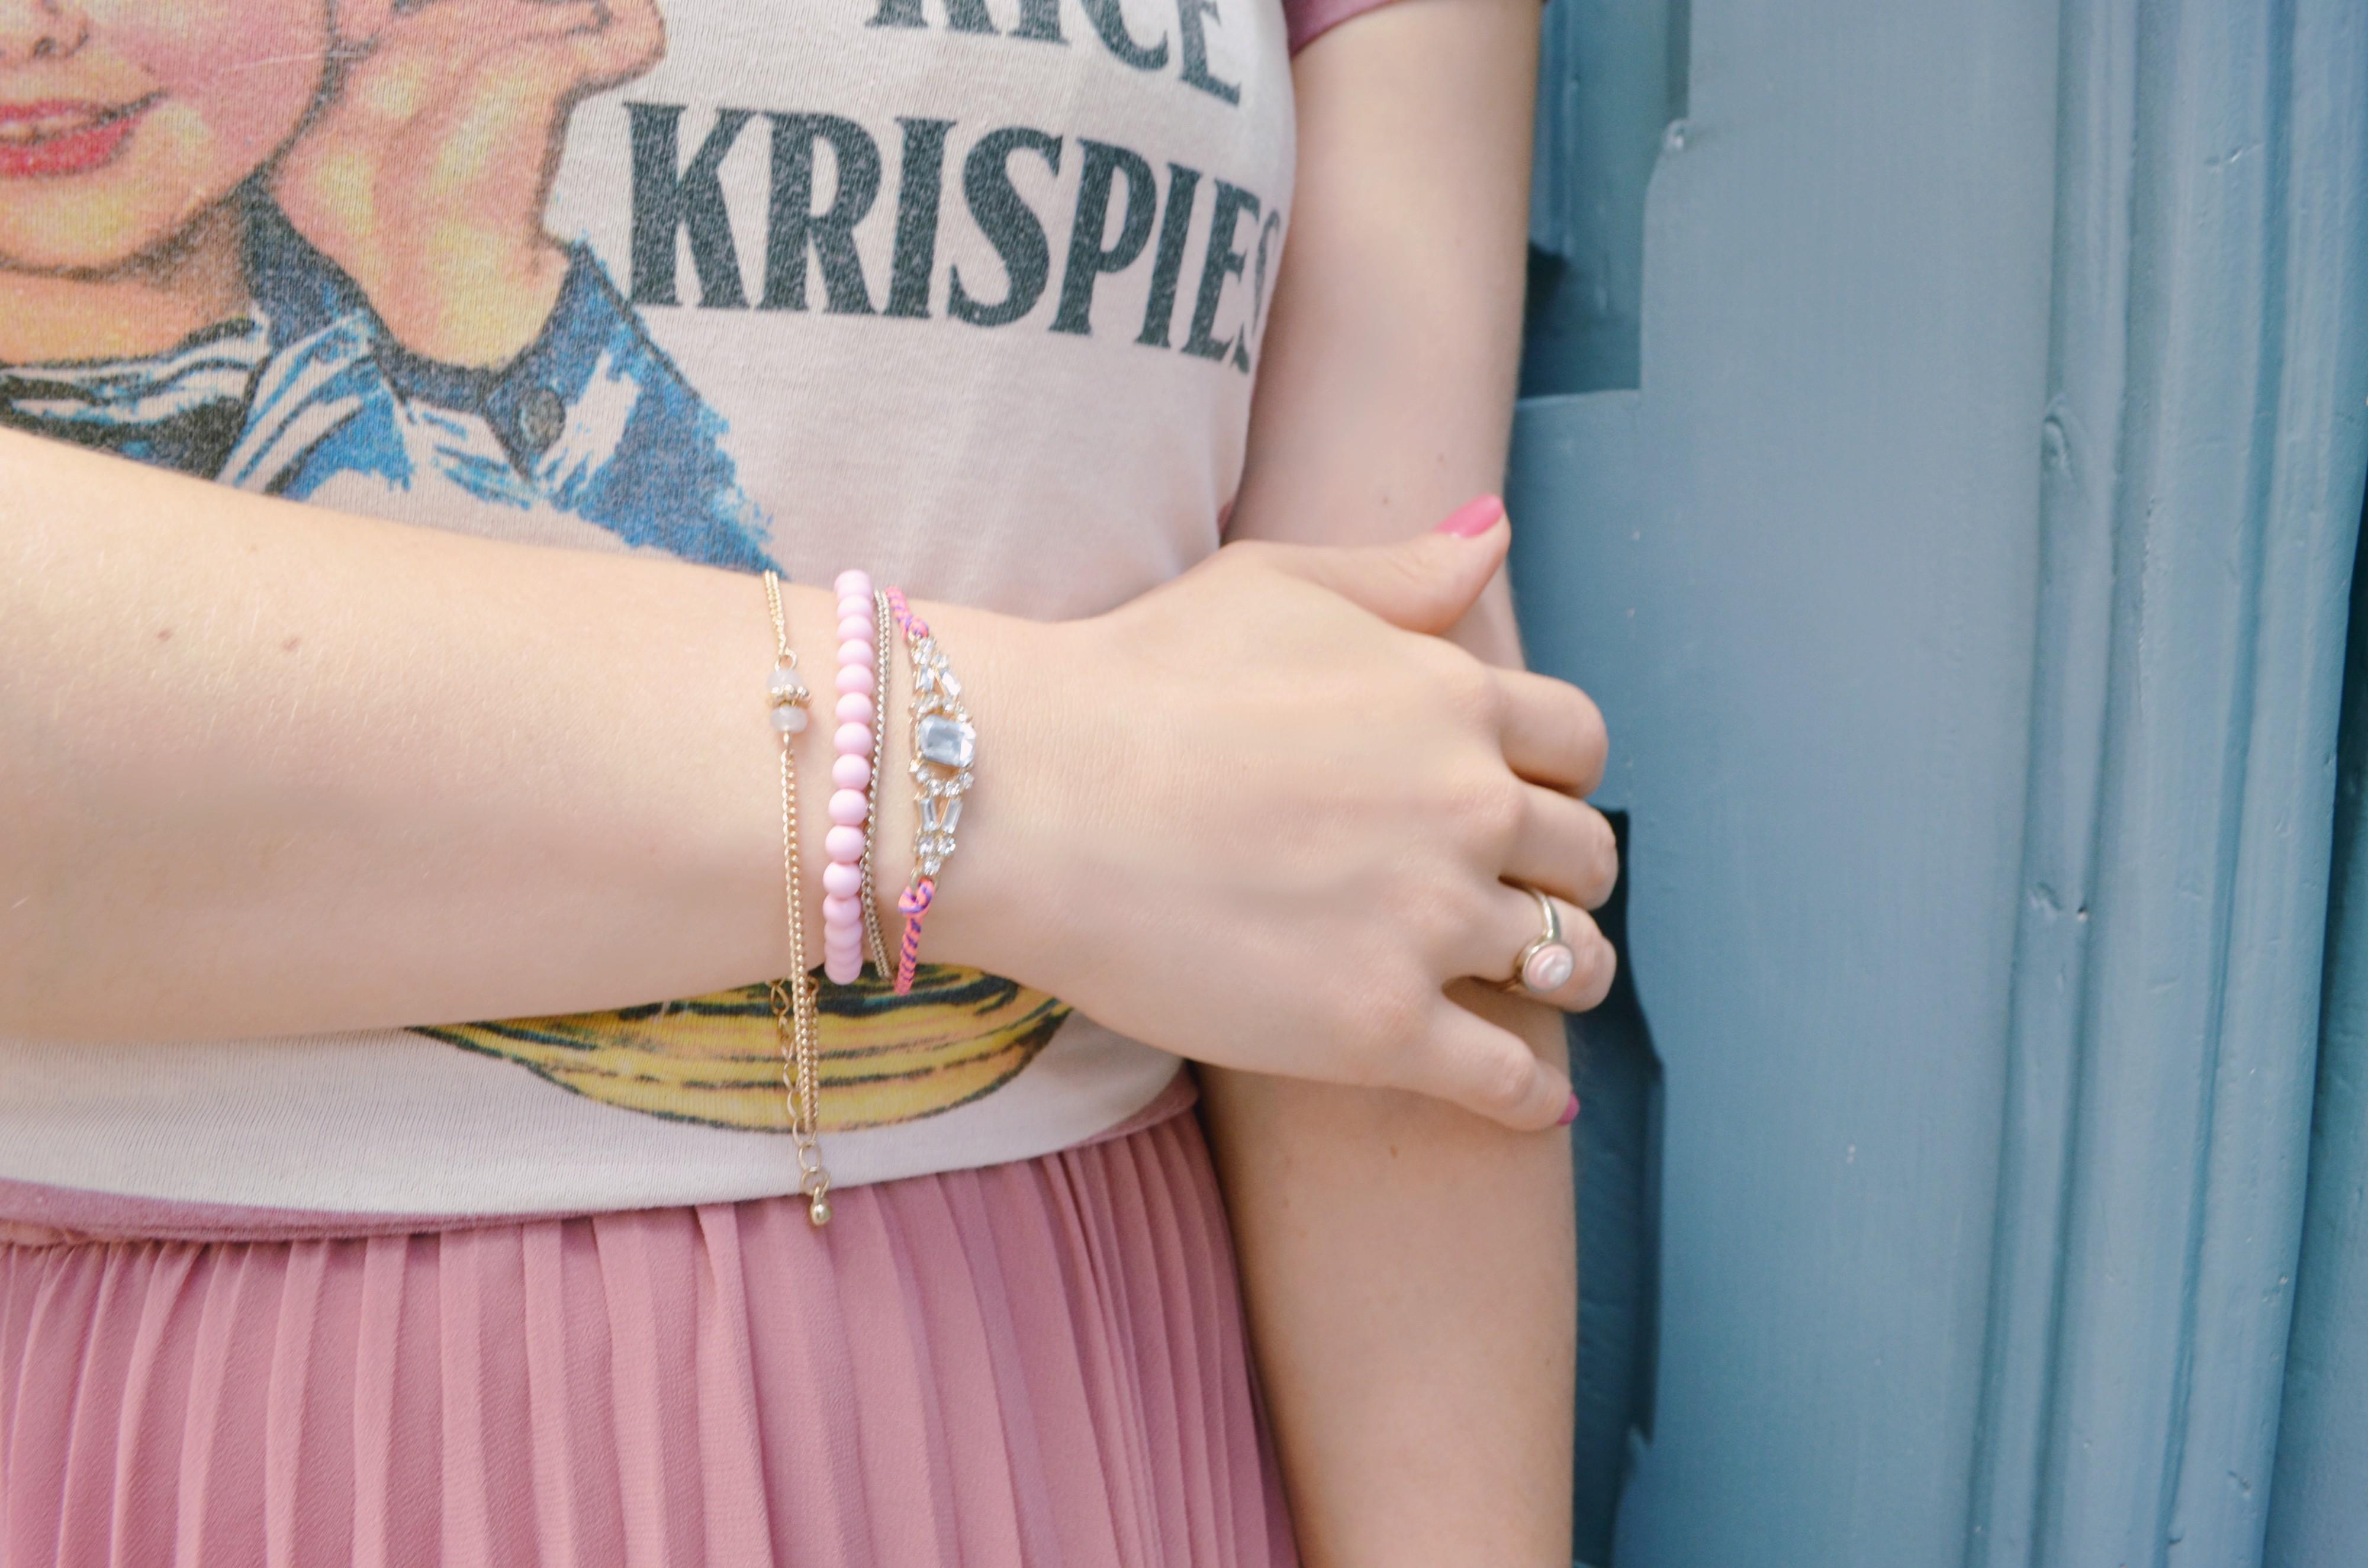 Rose-Quartz-look-blog-de-moda-fashionista-rosa-cuarzo-outfit-pulseras-de-verano-brazaletes-rosa-PepeMoll-ChicAdicta-Chic-Adicta-PiensaenChic-Piensa-en-Chic